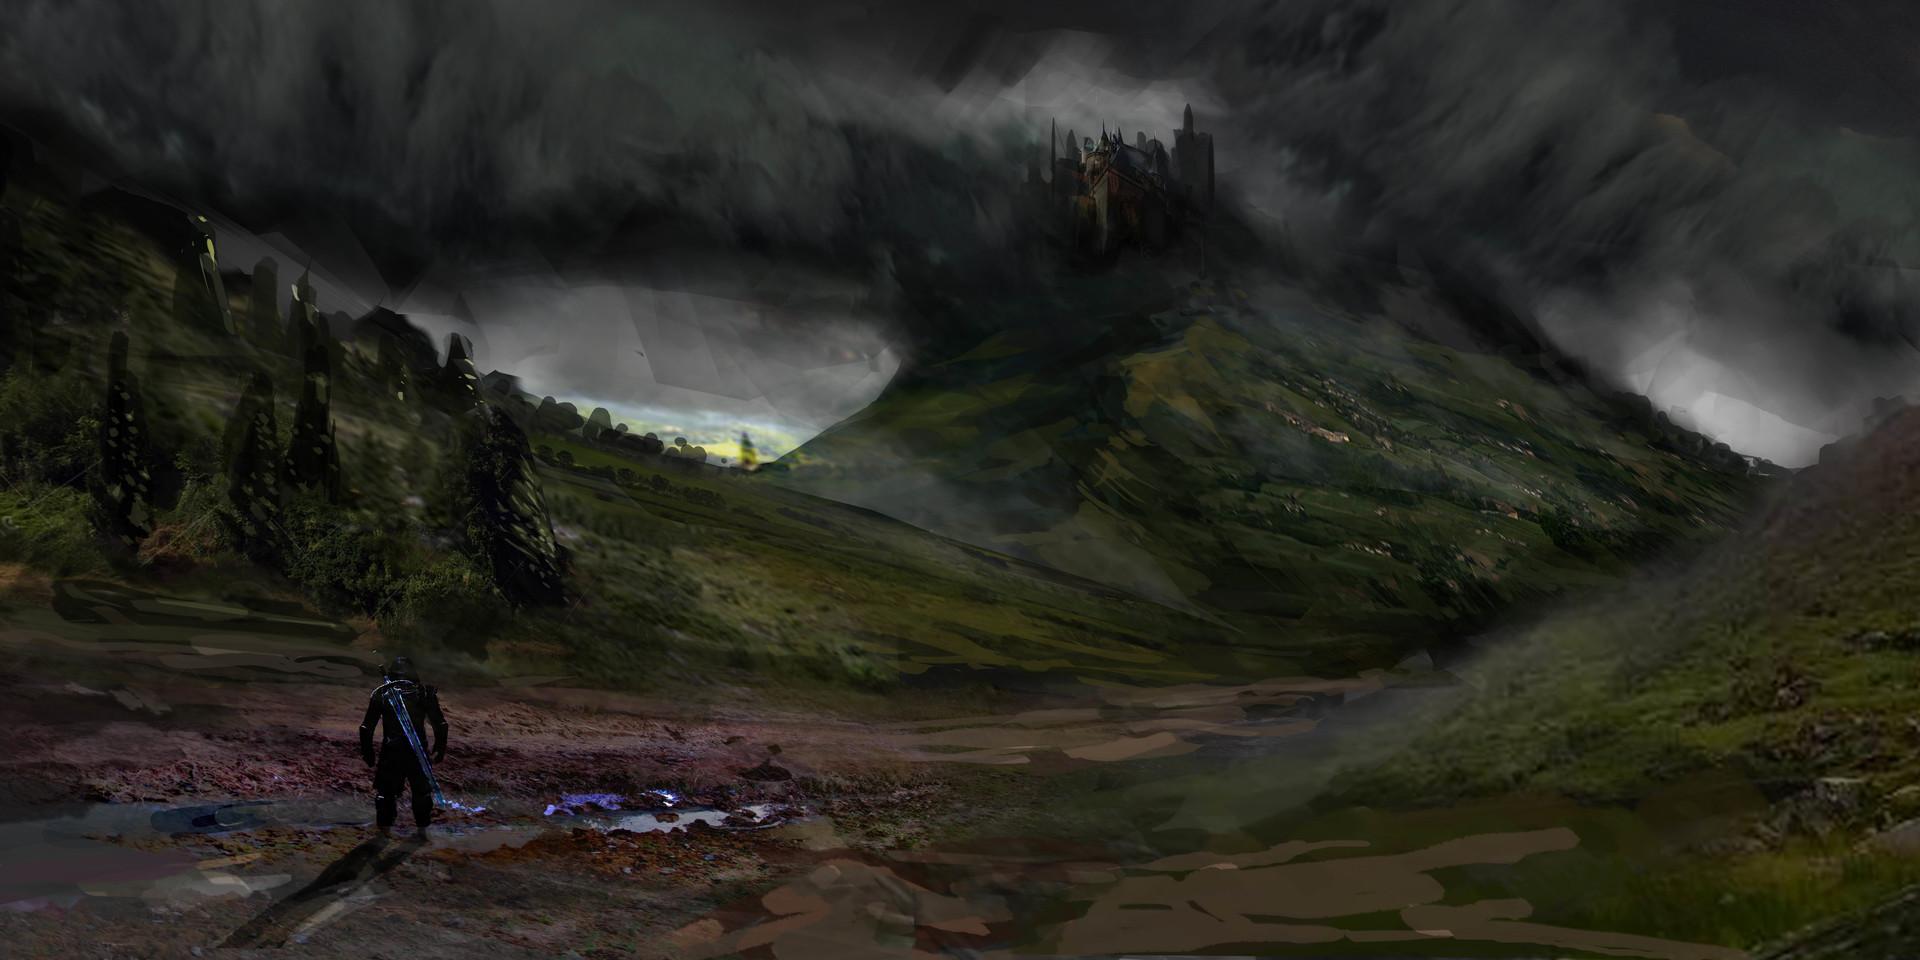 Pradal aurele paysage fantasy